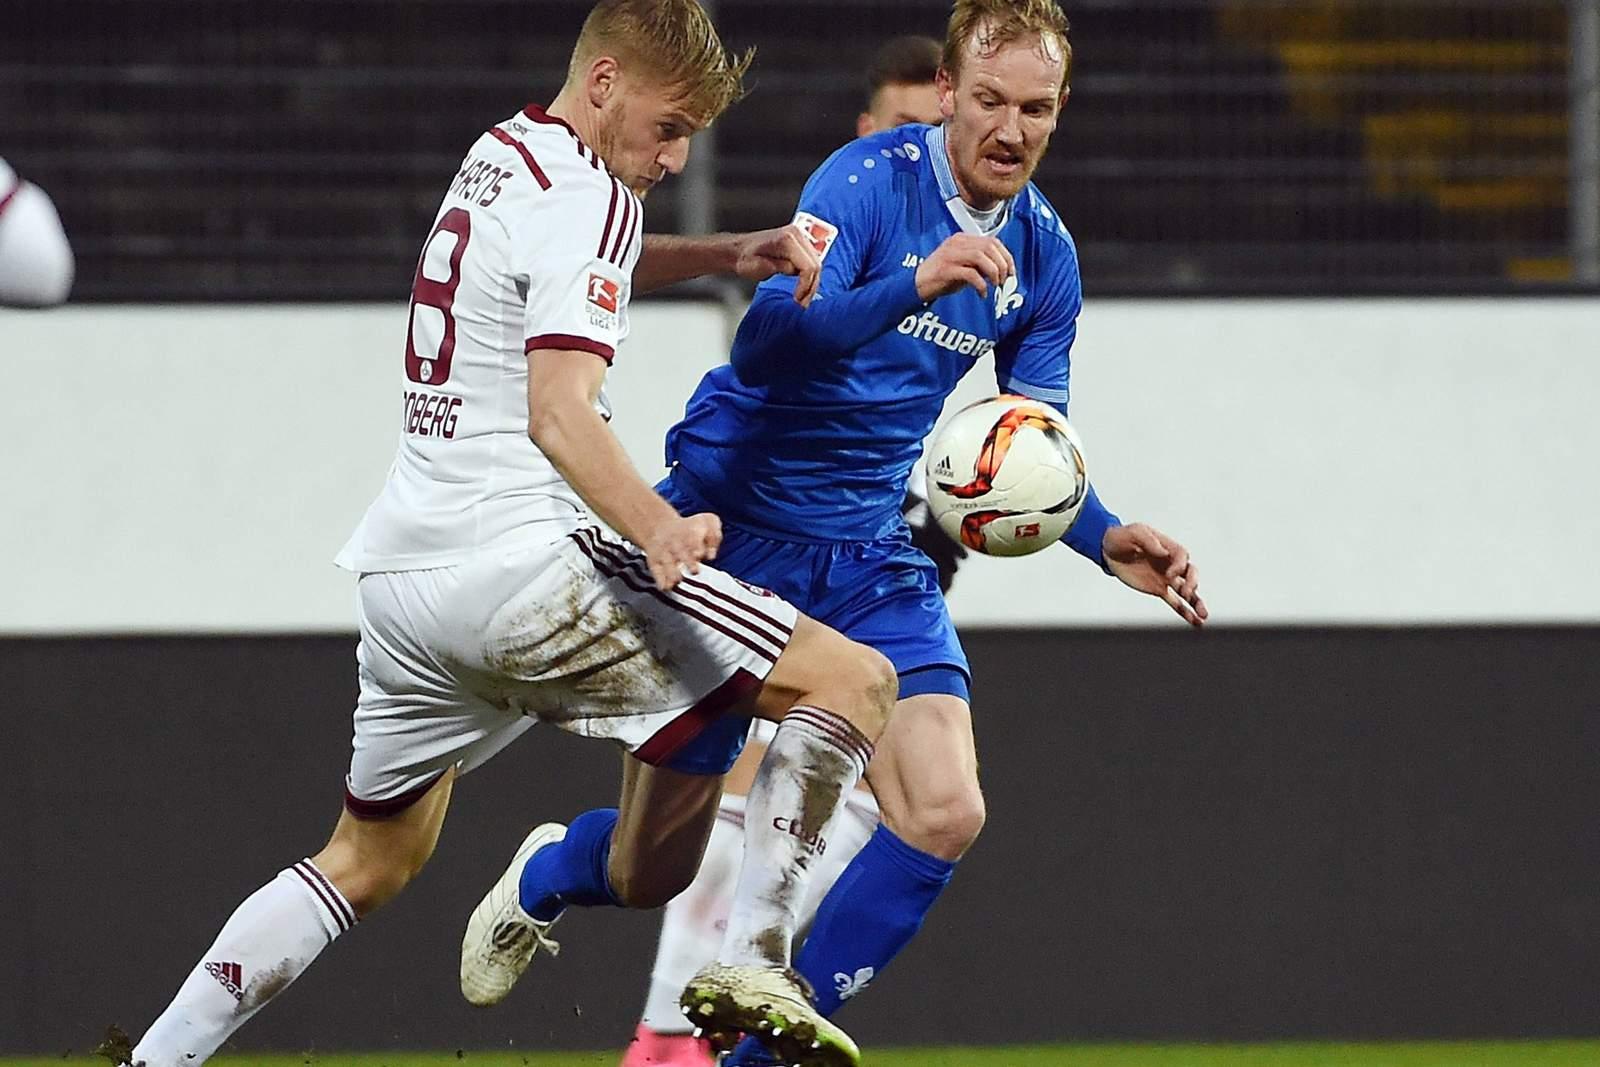 Jan Rosenthal für Darmstadt 98 im Zweikampf mit Hanno Behrens vom 1. FC Nürnberg